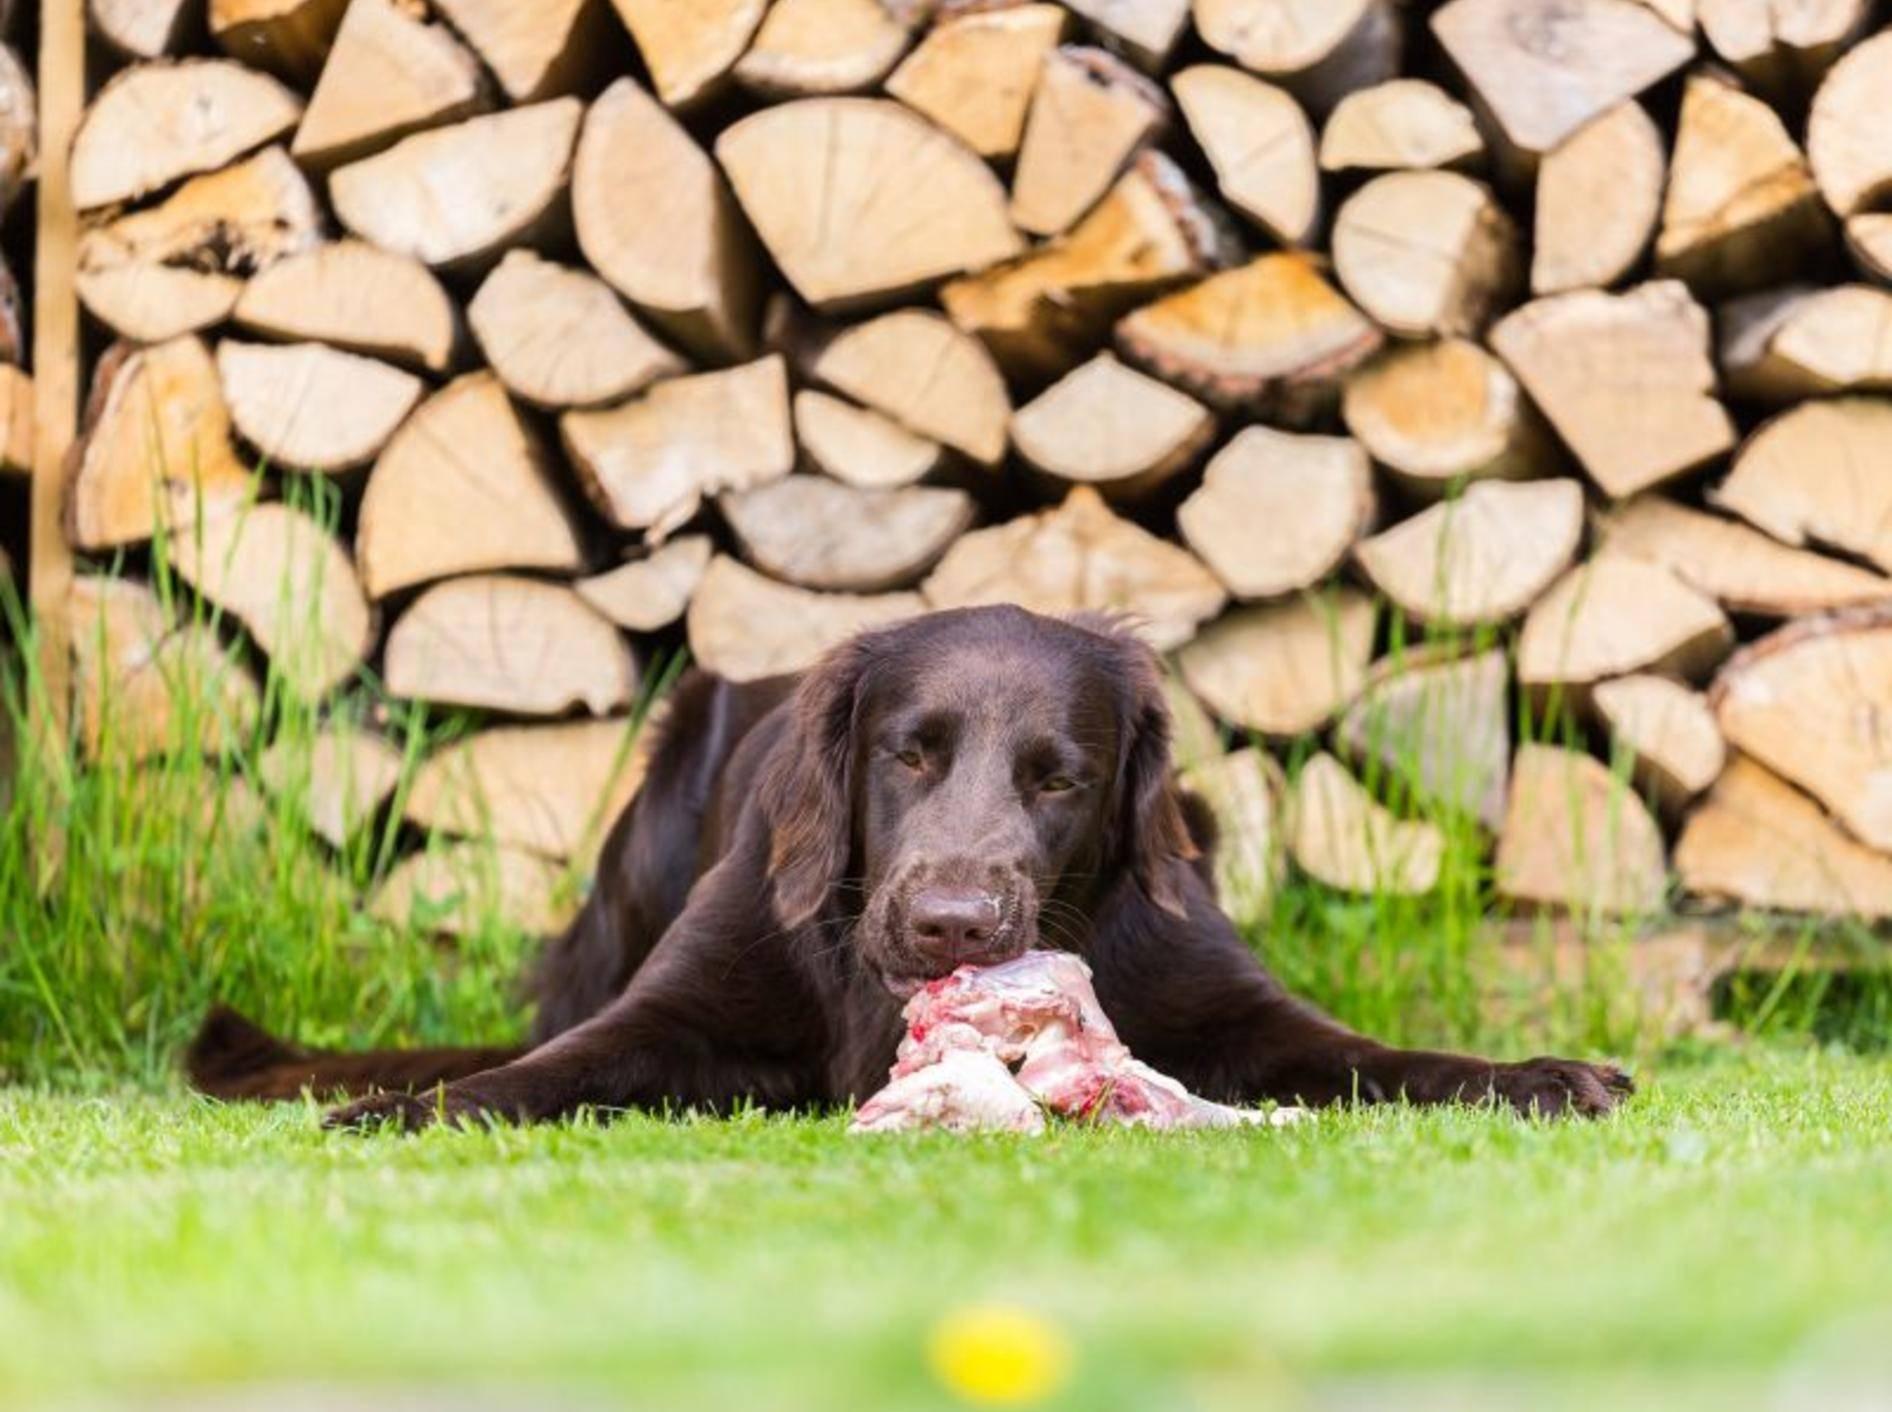 Dieser Hund liebt rohes Fleisch – Shutterstock / Phil Stev